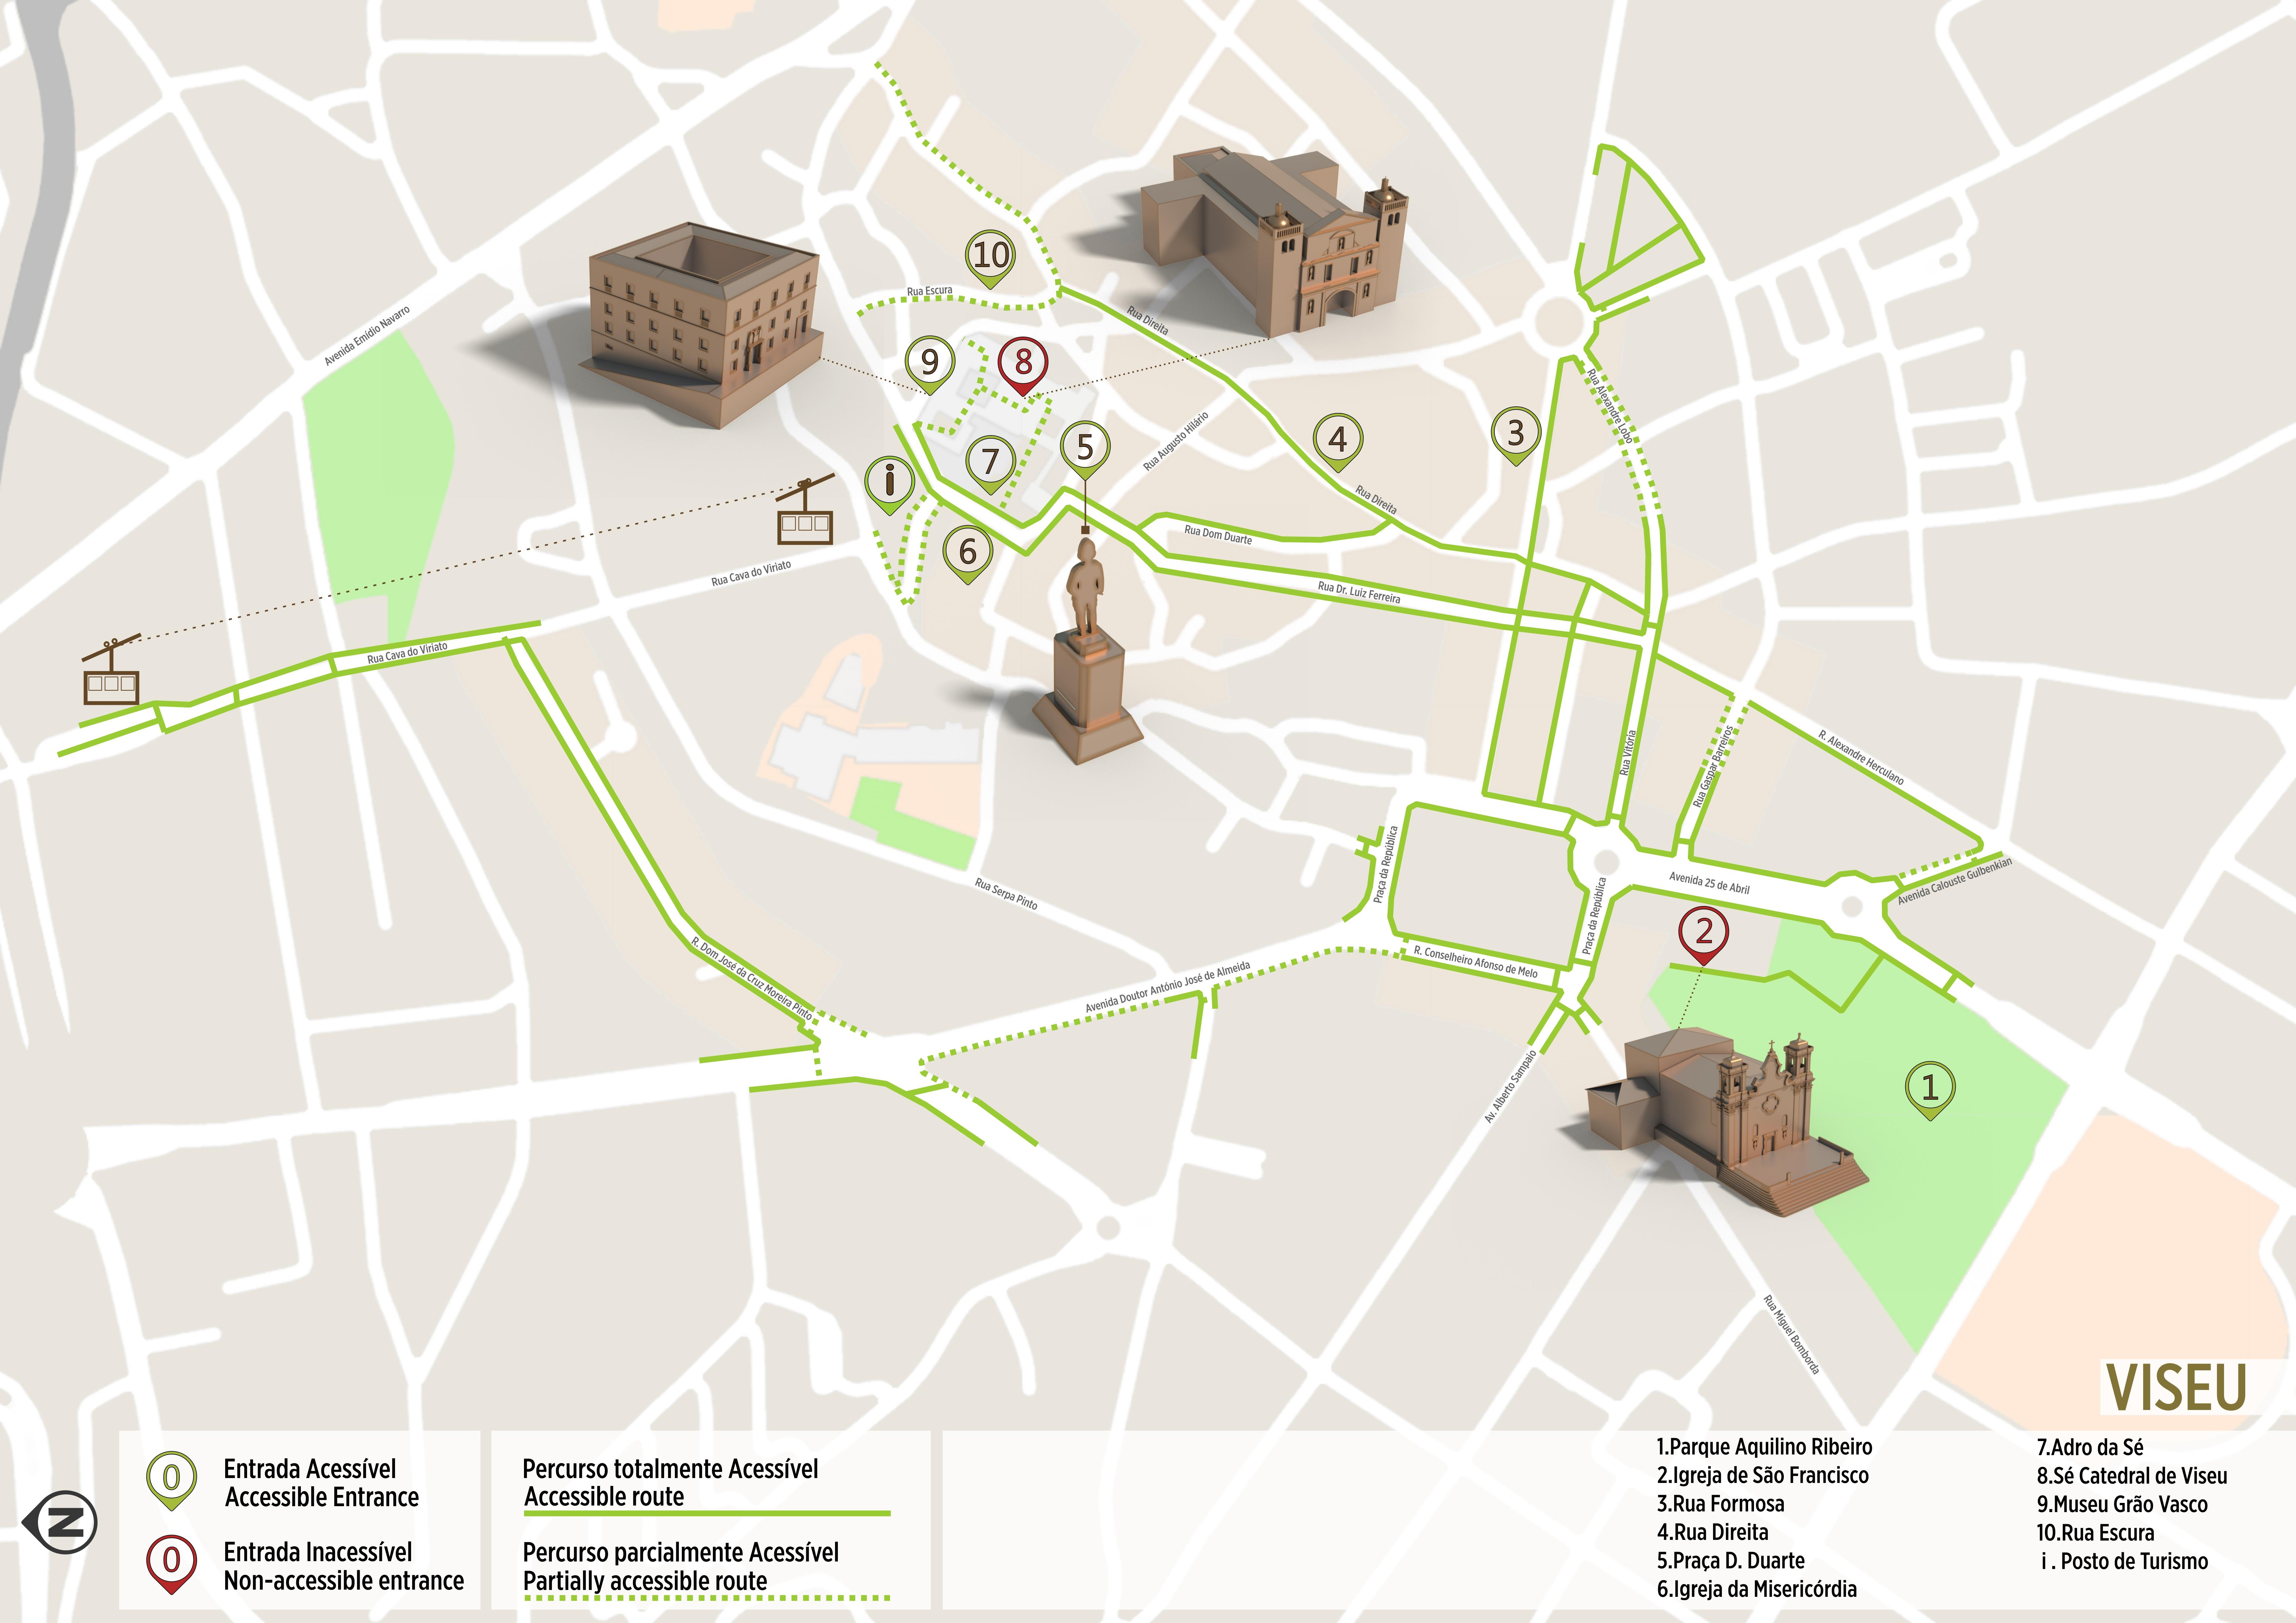 mapa das ruas de viseu Viseu   Itinerário Acessível | .visitportugal.com mapa das ruas de viseu